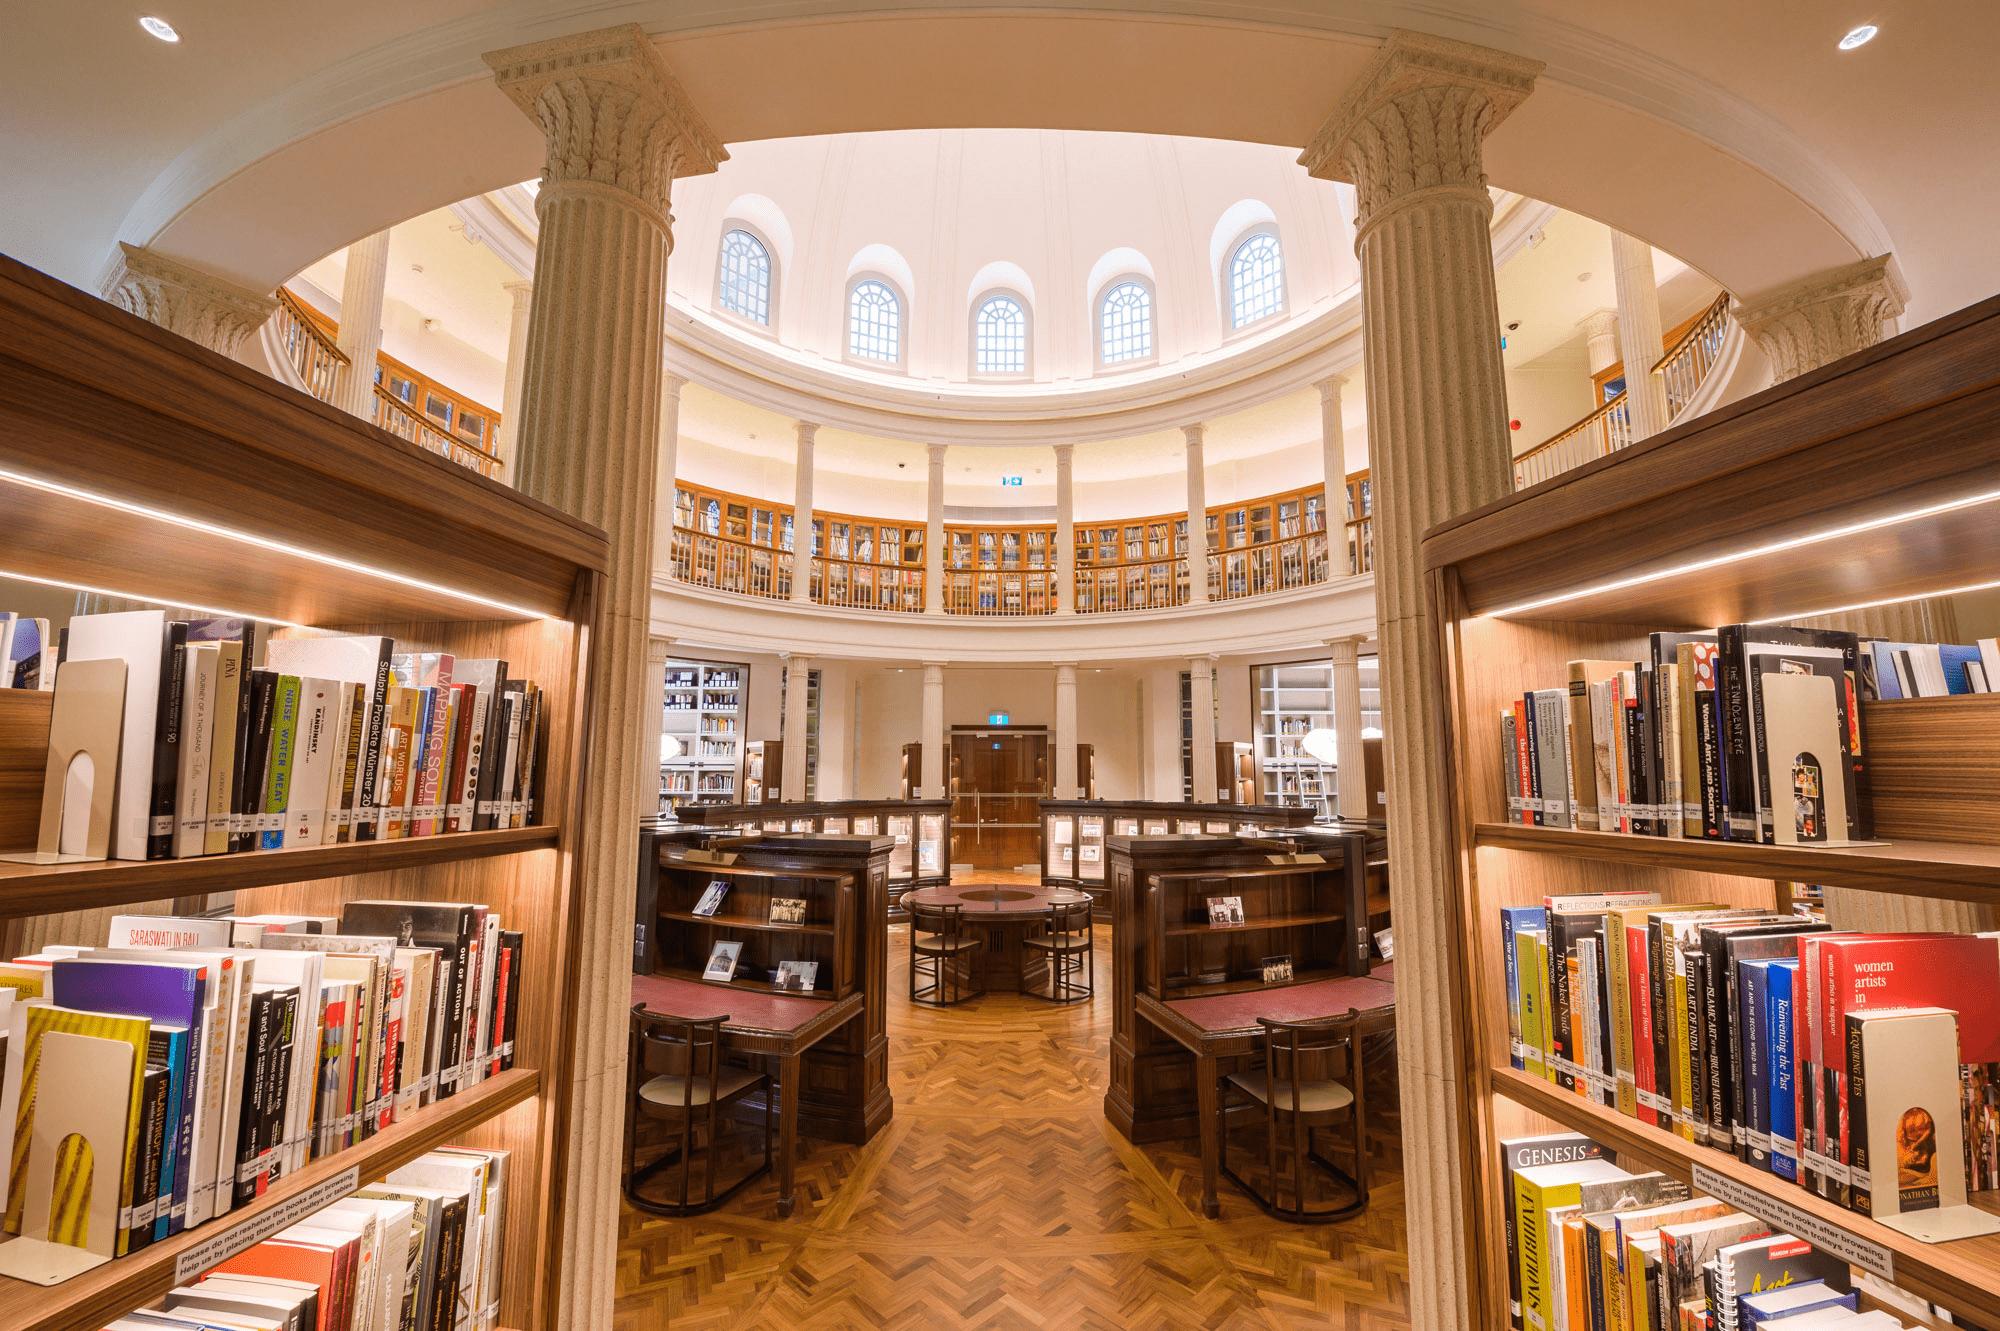 Rotunda Library & Archive